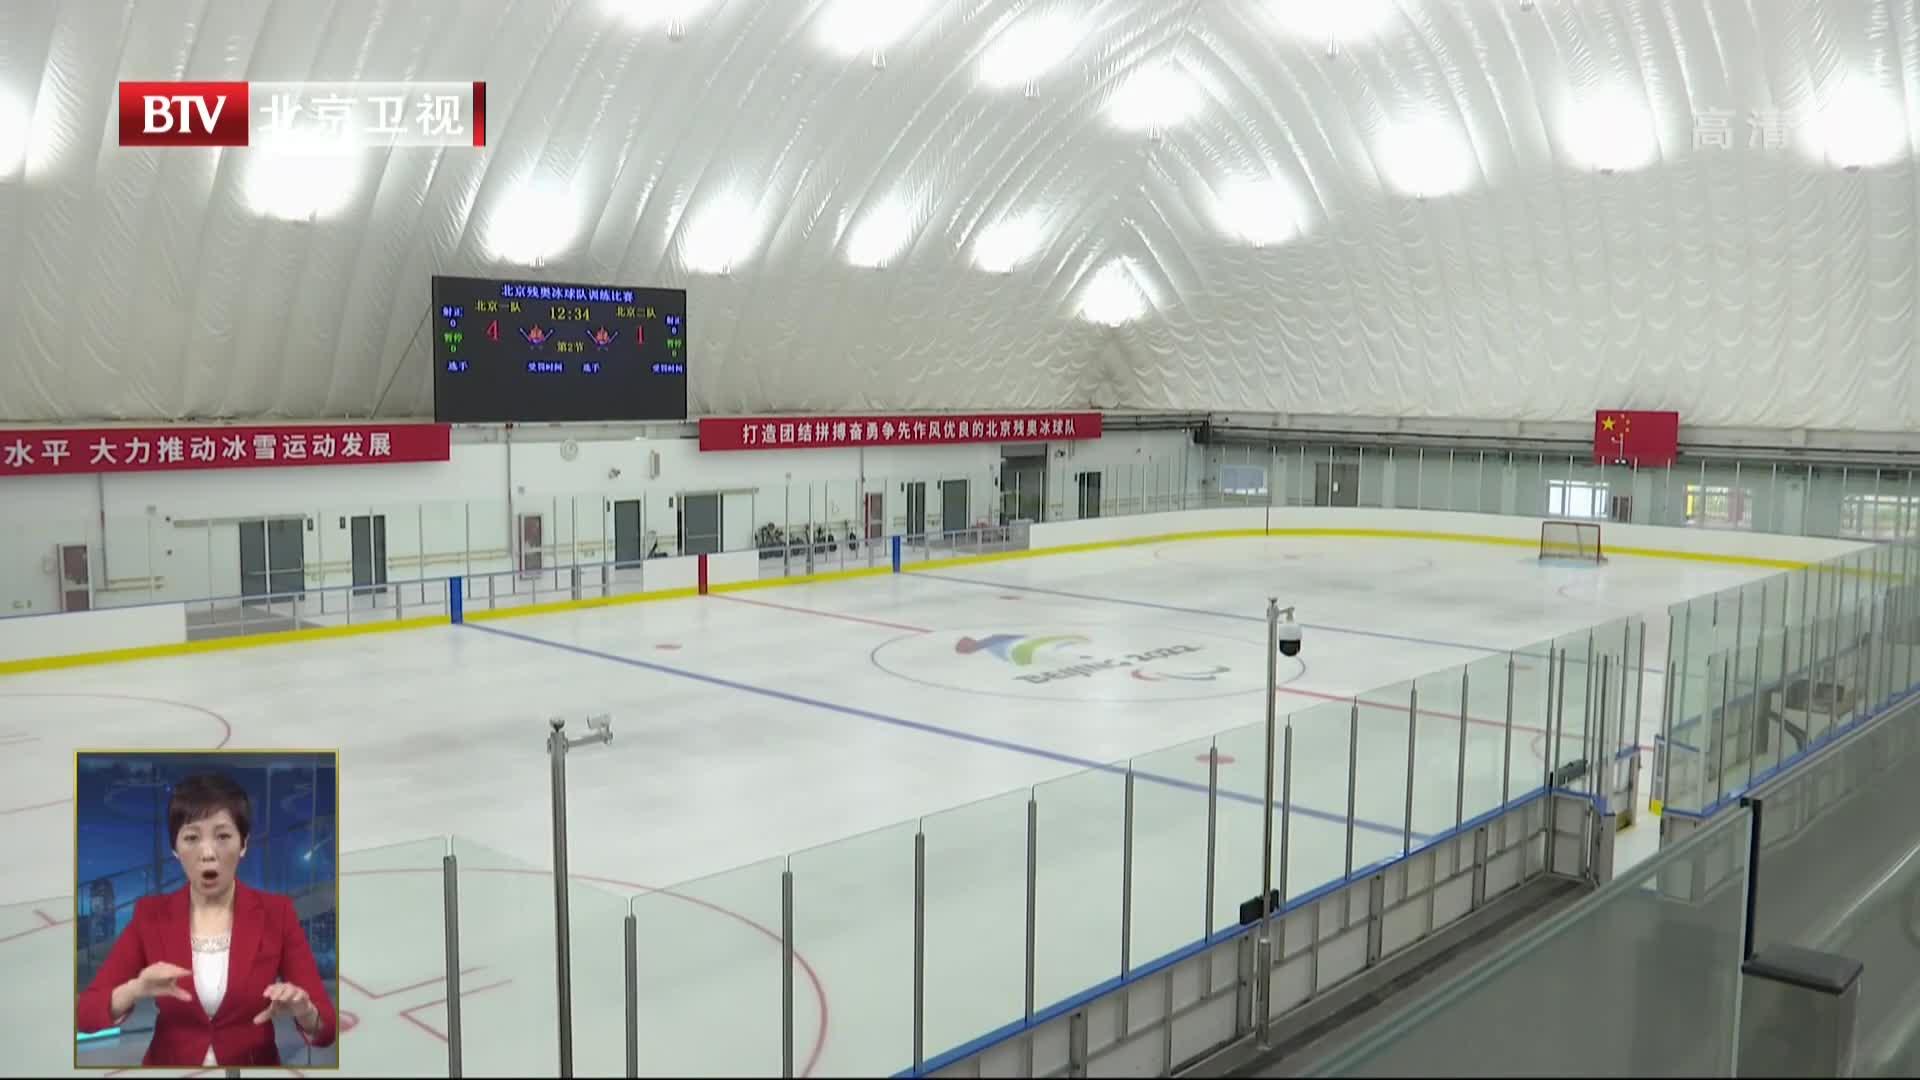 北京市残疾人冰壶冰球运动馆5月15日投入使用